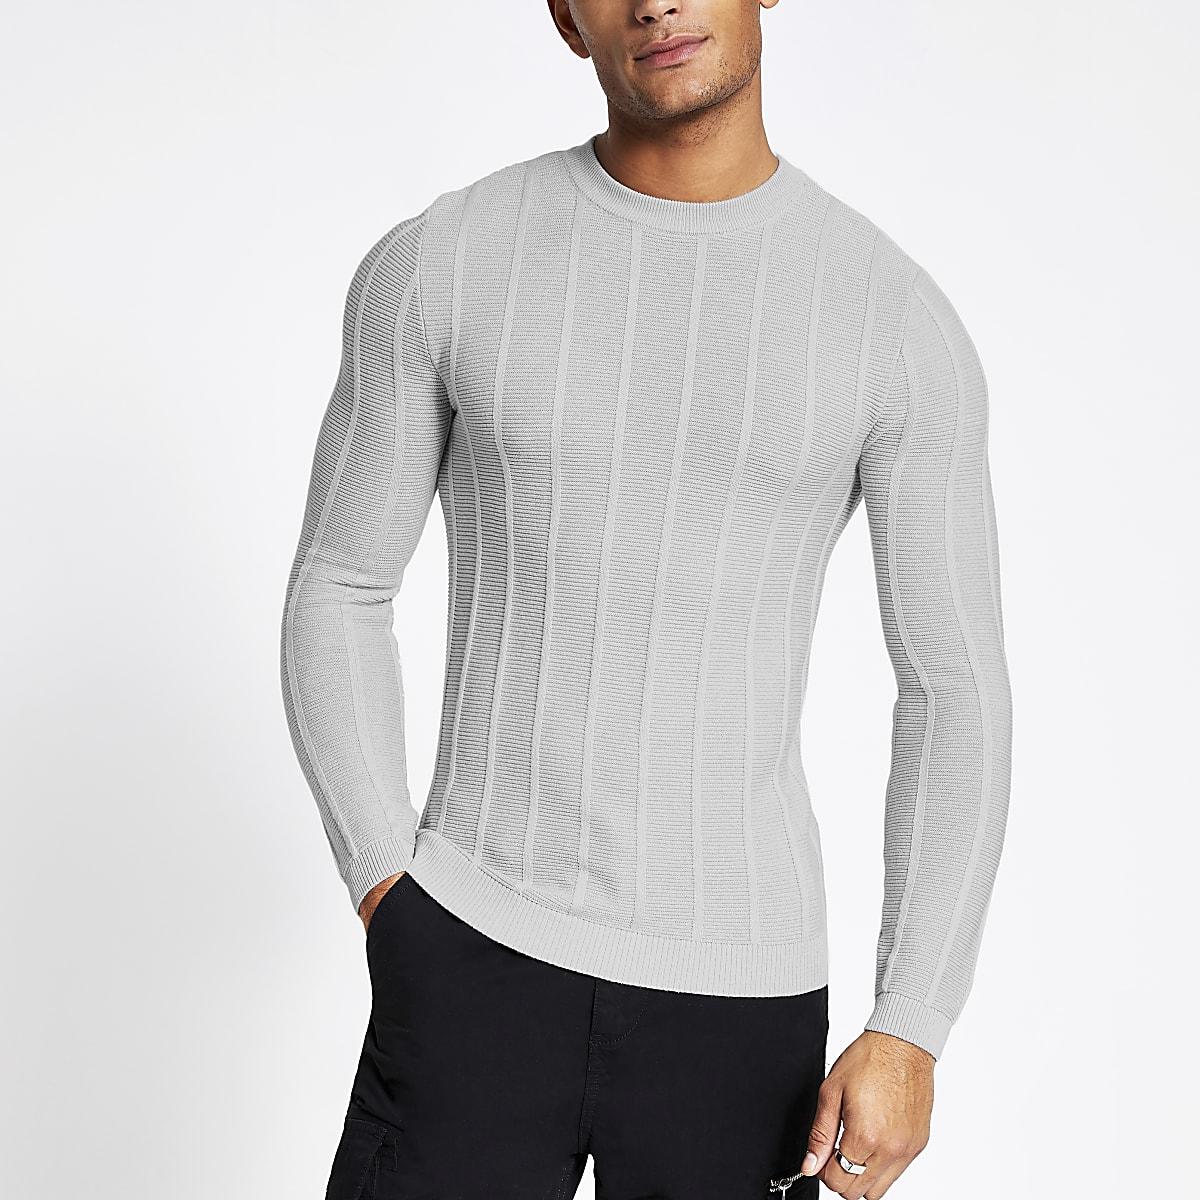 Pull côtelé gris ajusté